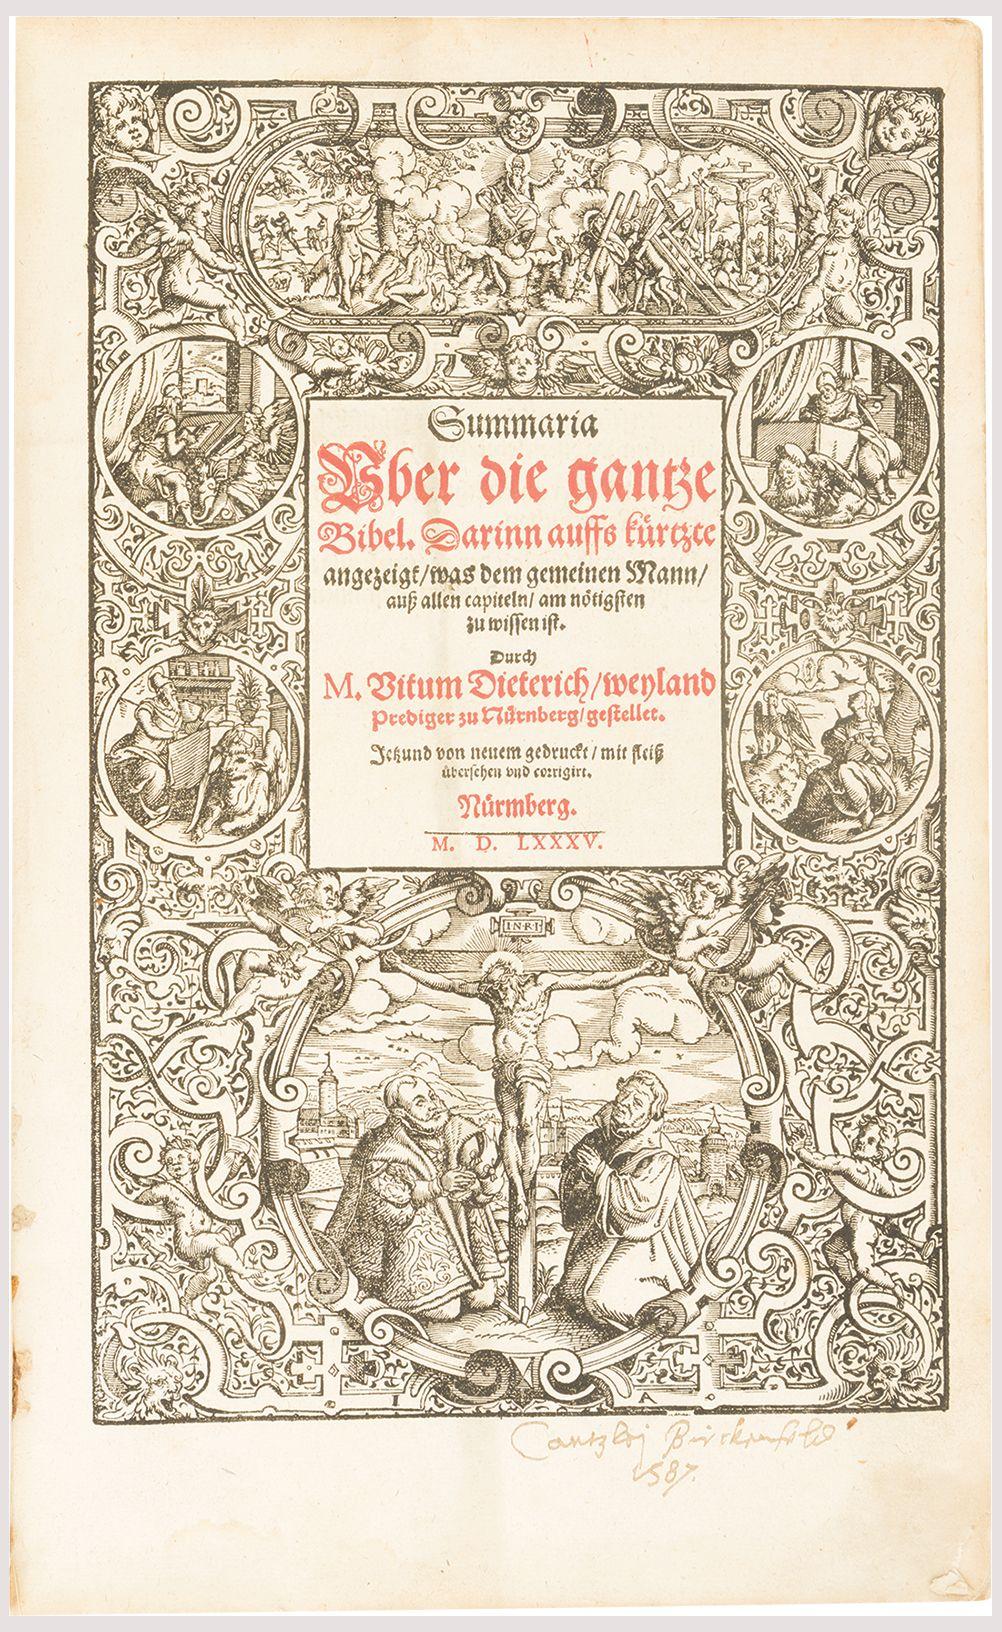 Summaria uber die Gantze Bibel. Darinn auffs kuertzte angezeigt was dem gemeinen mann aus allen capiteln am noetigsten zu wissen ist.